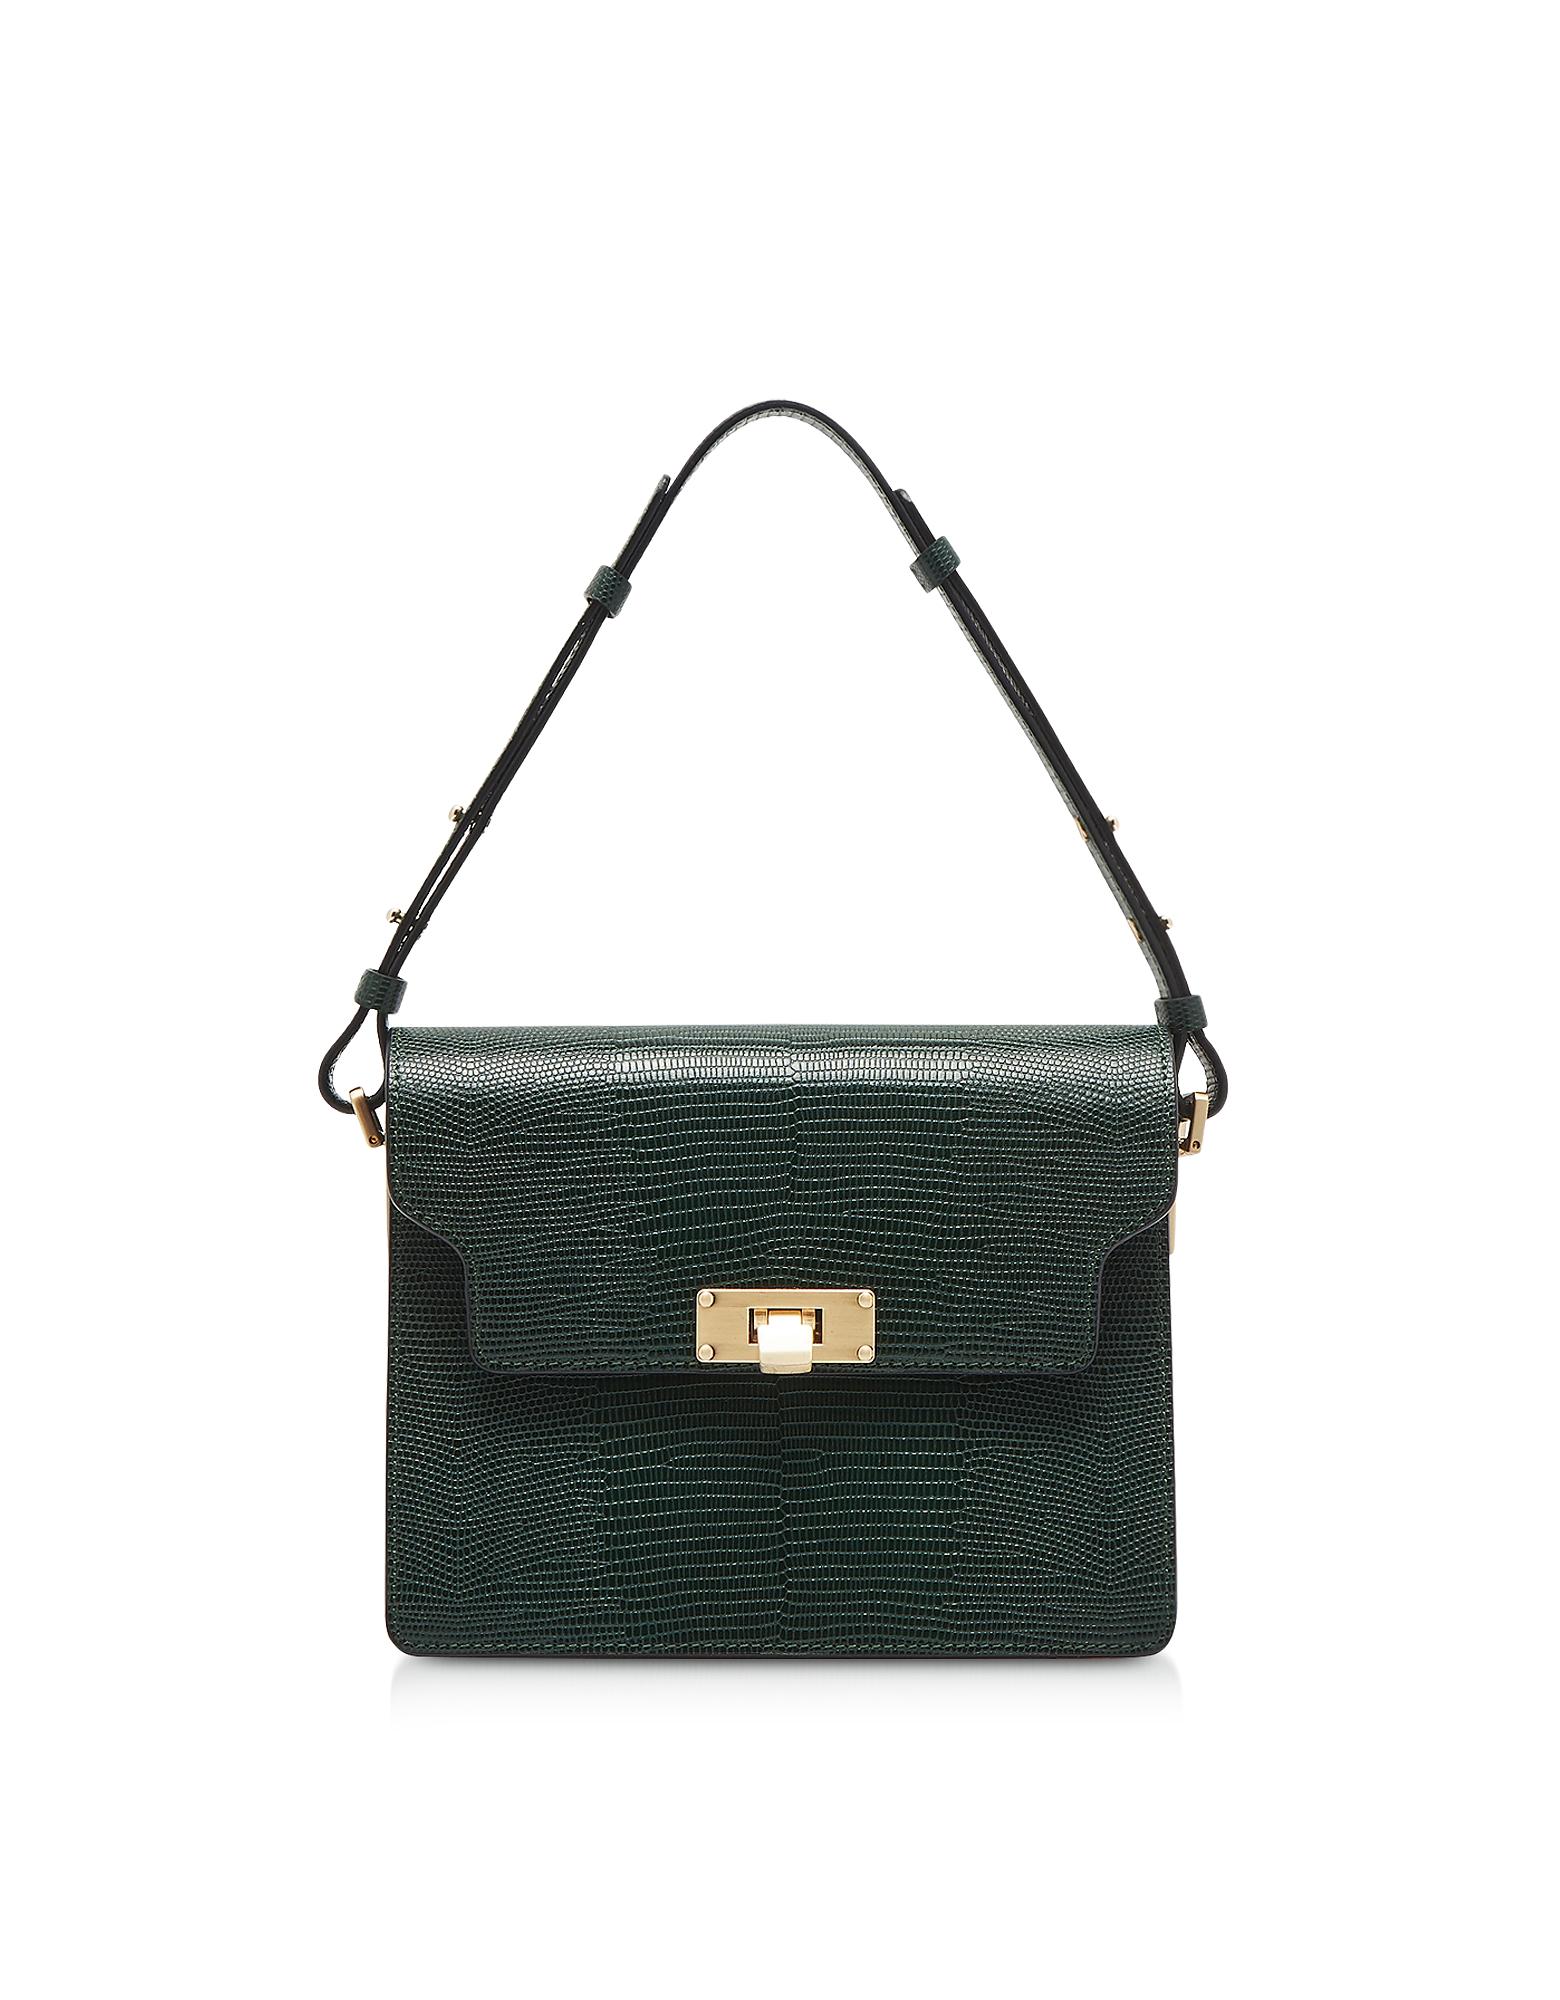 Marge Sherwood Designer Handbags, Lizard Embossed Leather Vintage Brick Shoulder Bag